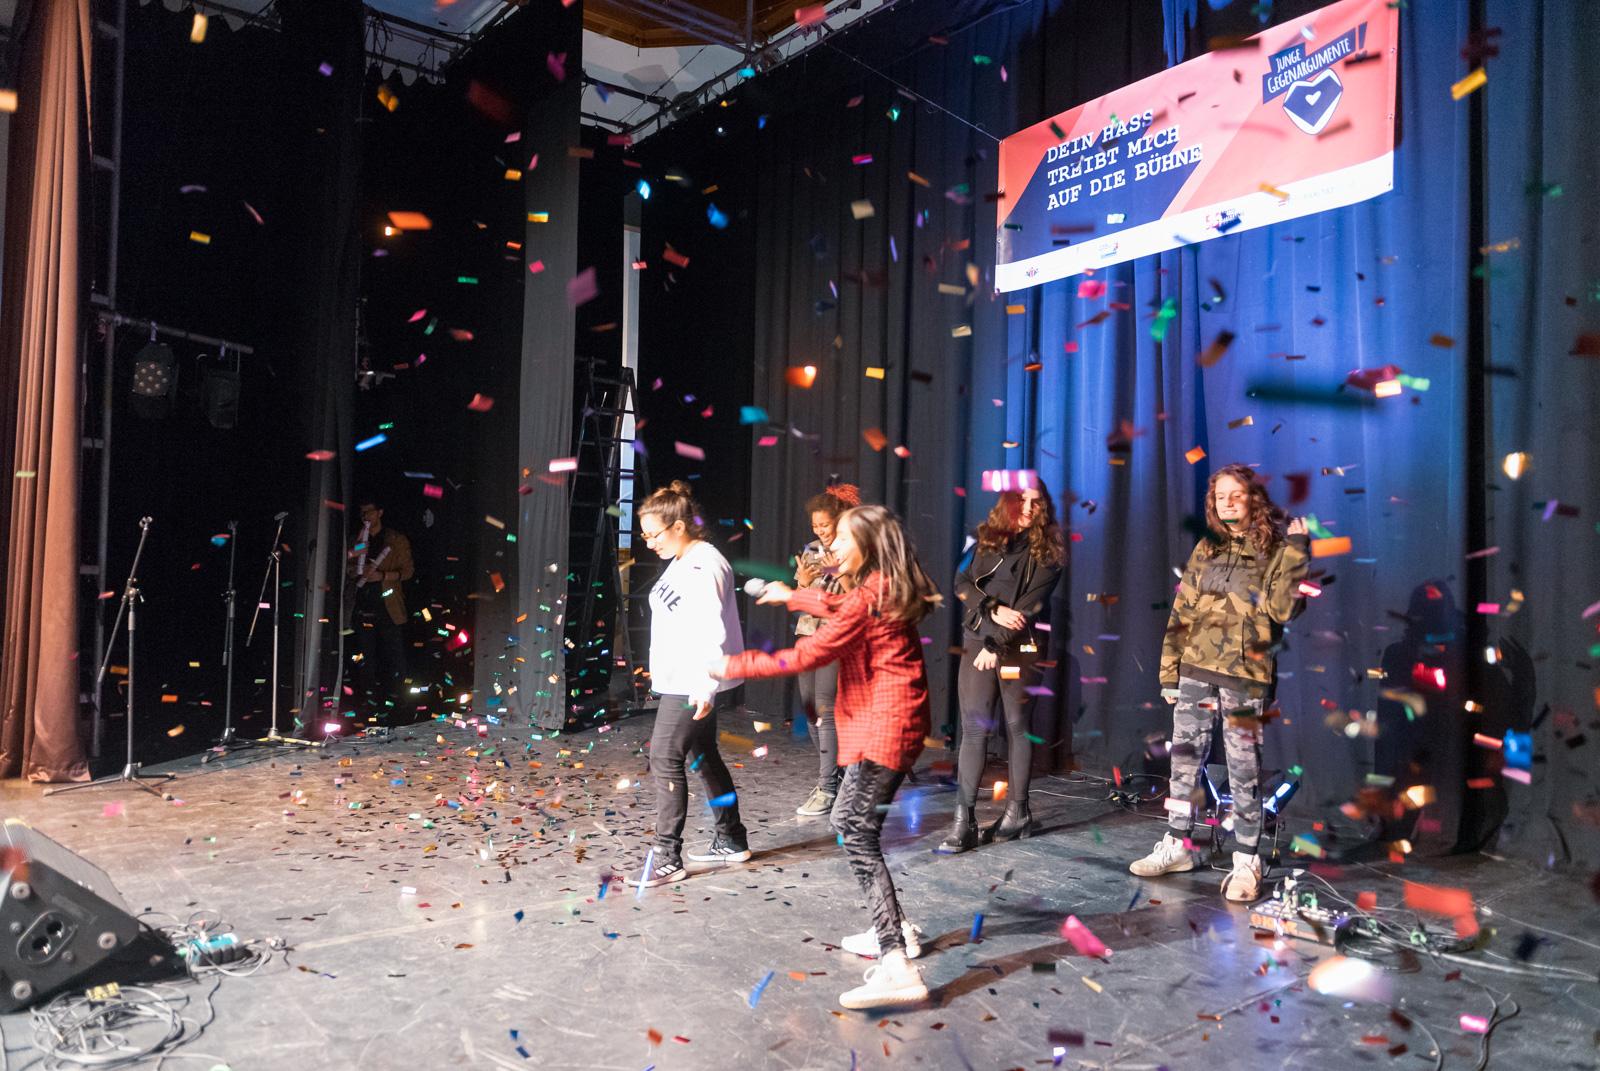 """Fünf junge Menschen stehen auf einer Bühne. Von oben regnet es Konfetti. Im Hintergrund hängt ein Plakat auf dem steht: """"Der Hass treibt mich auf die Bühne."""""""